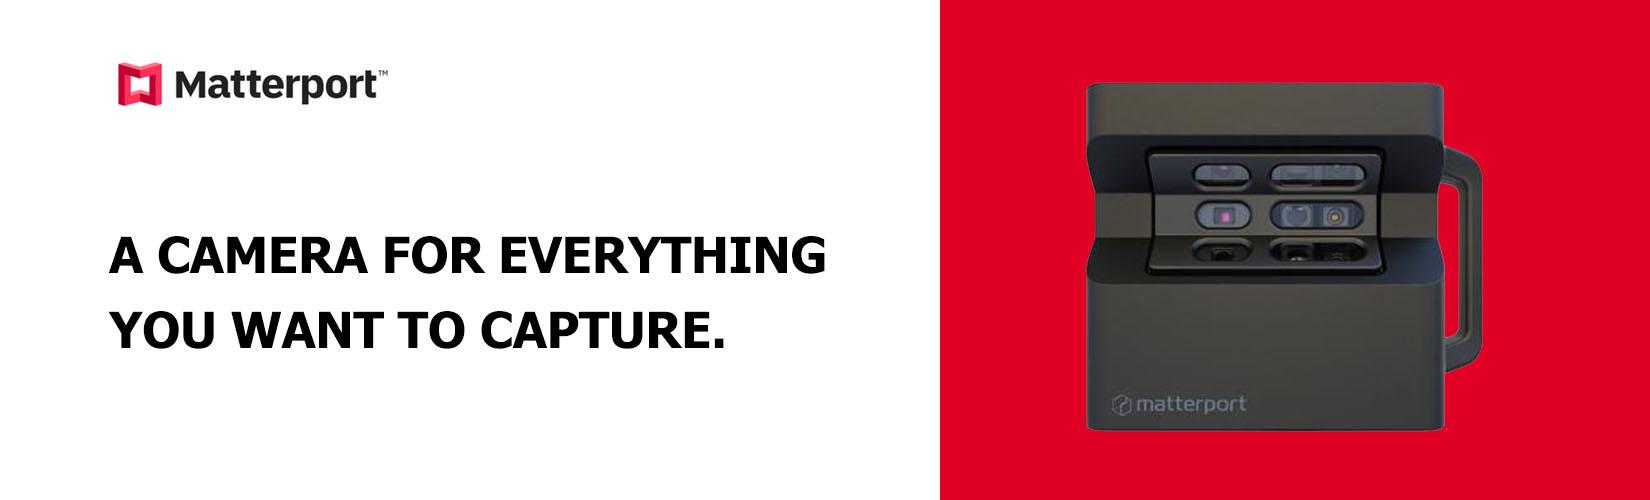 Matterport-Web-Banner